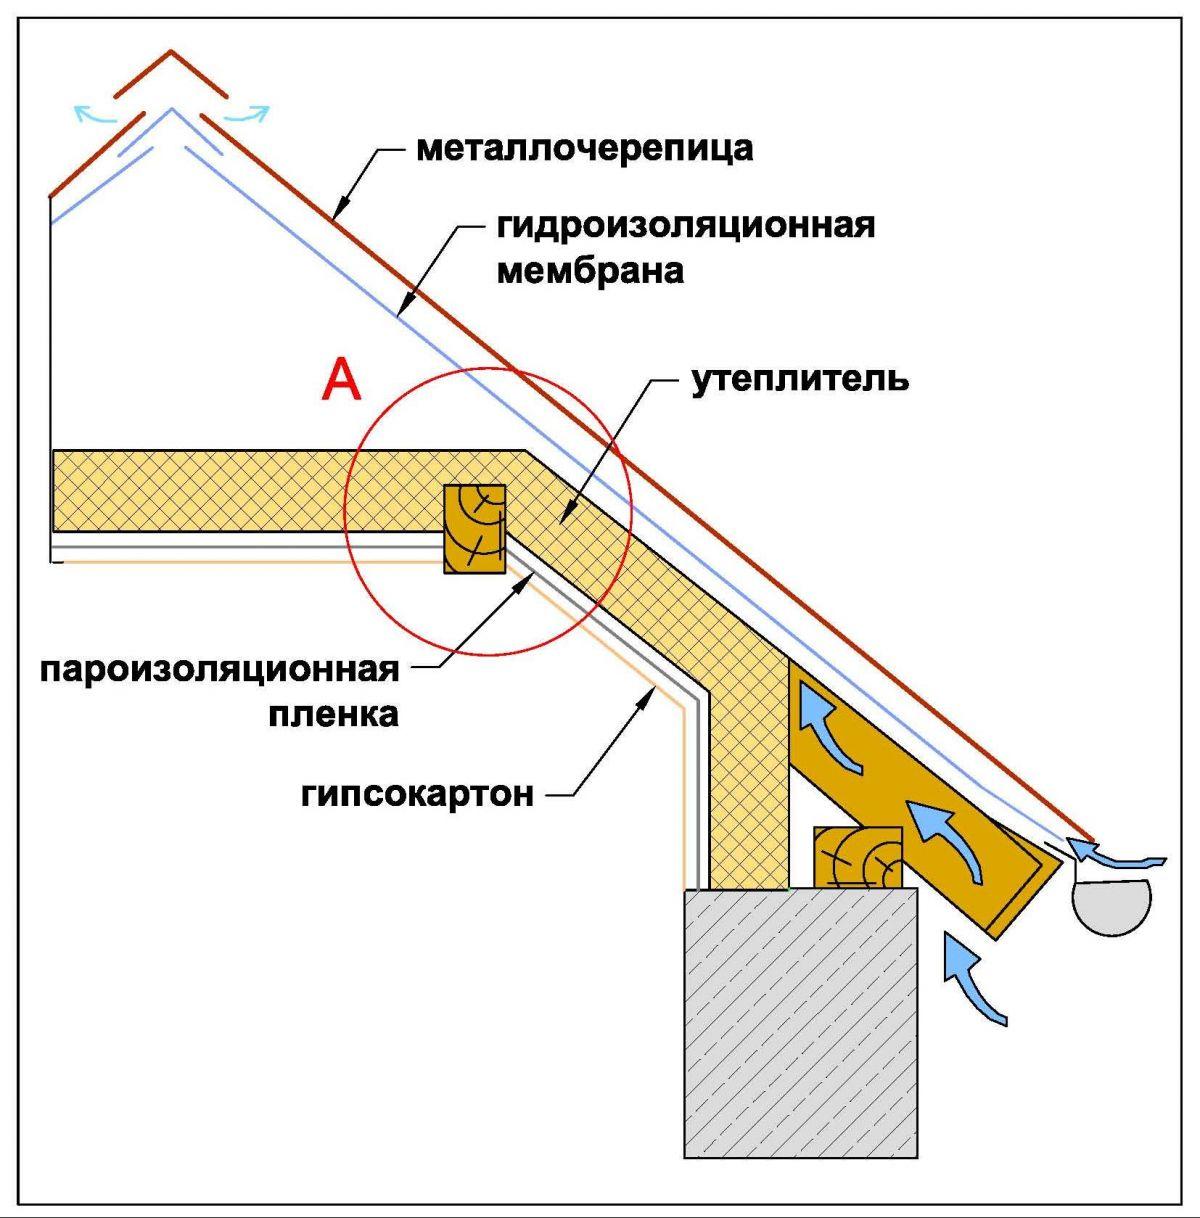 Мансарда Выбор утеплителя и монтаж гидро и пароизоляции